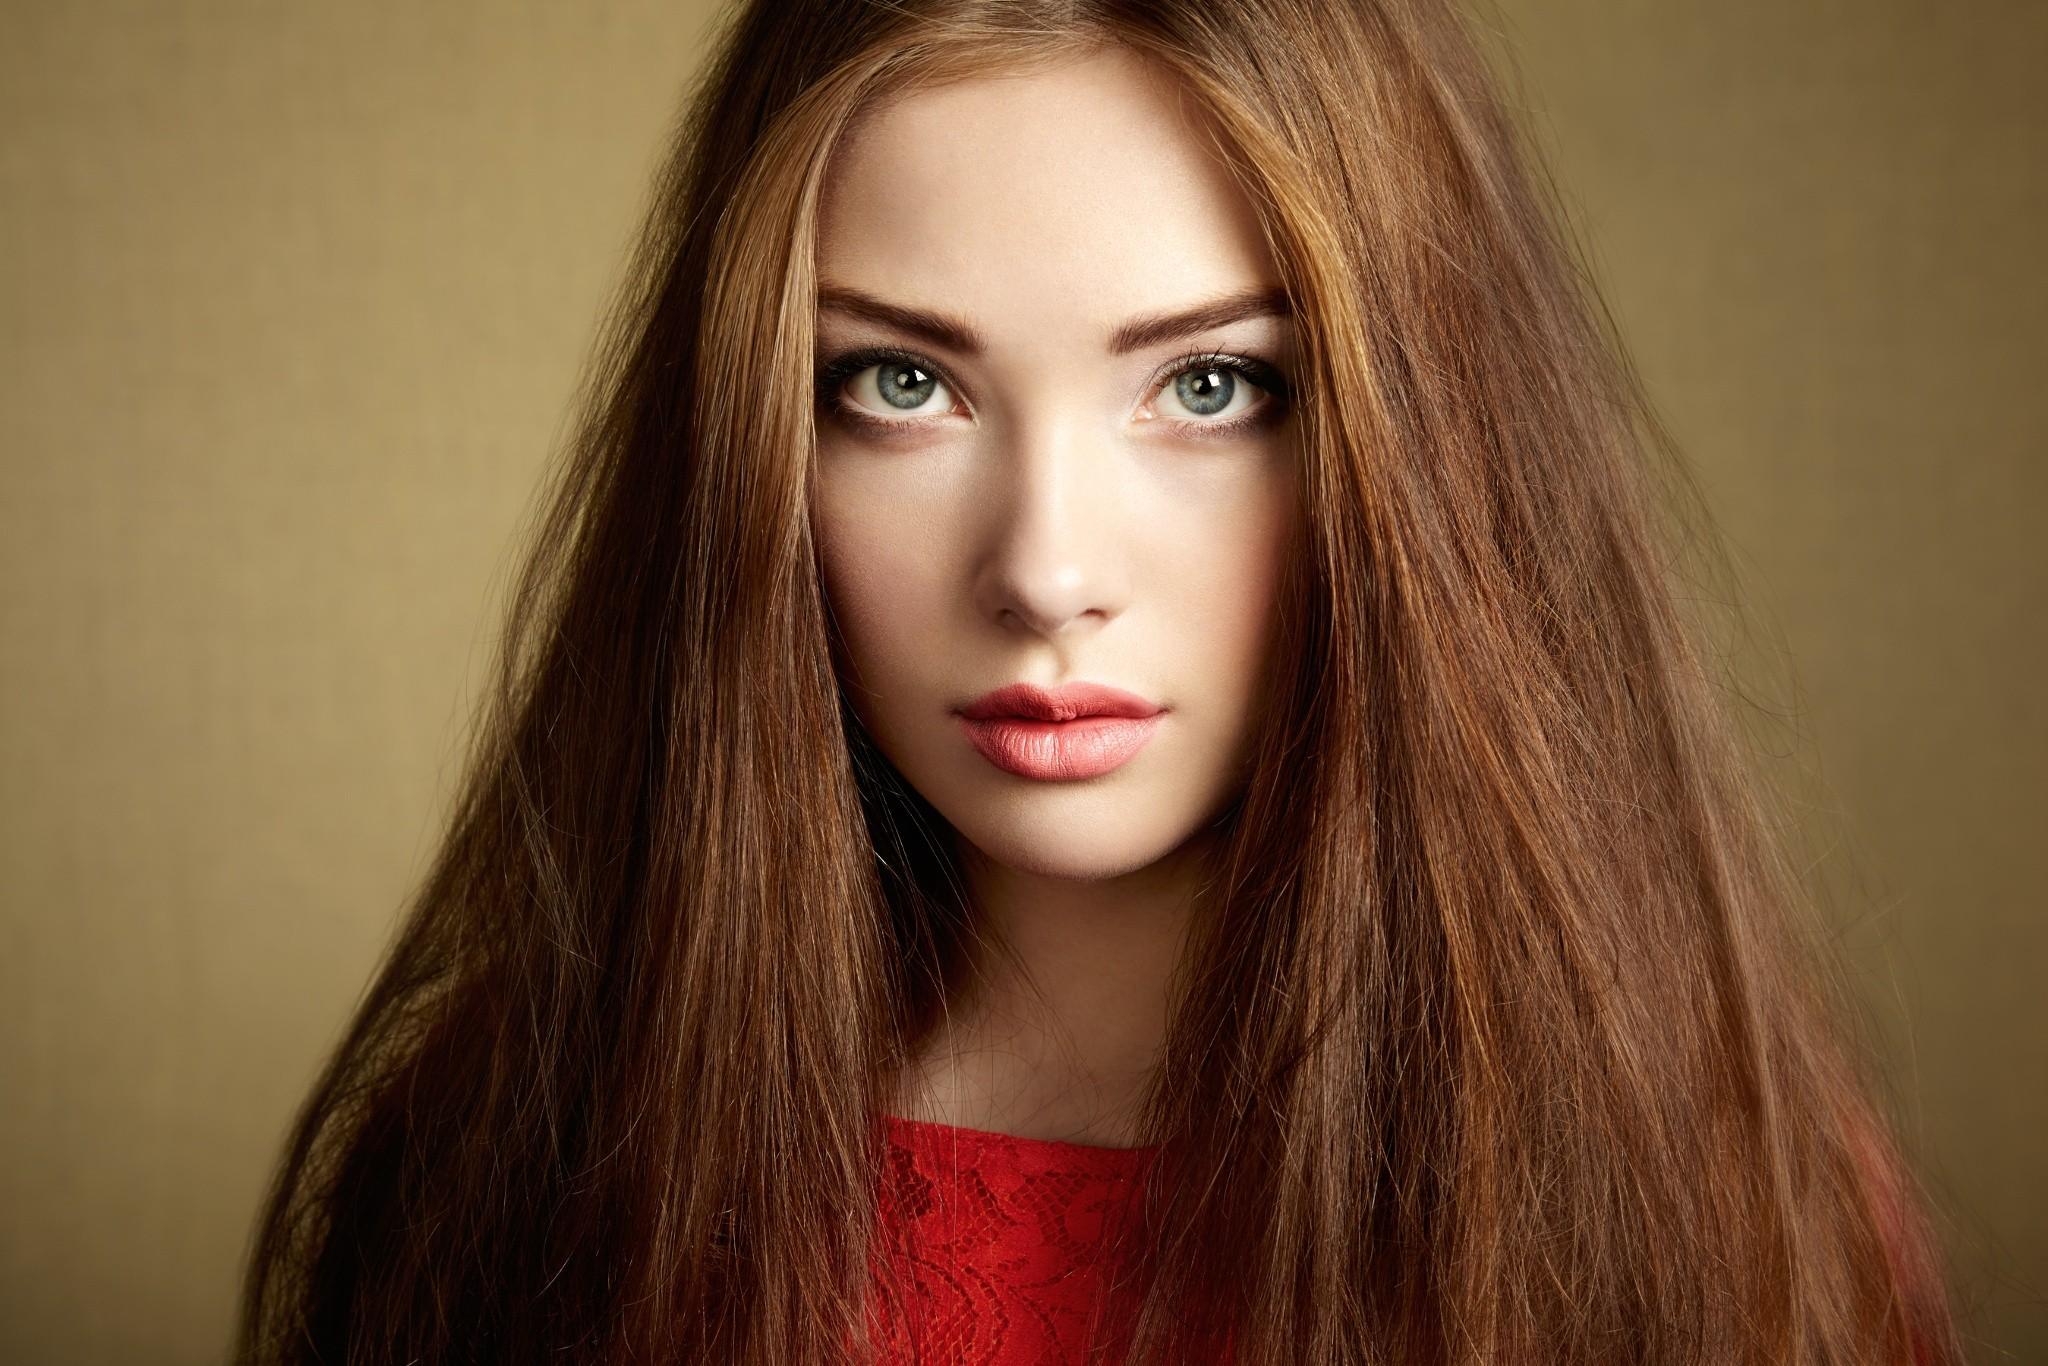 Braune haare helle haut welche farben - Beliebte Frisuren 2020